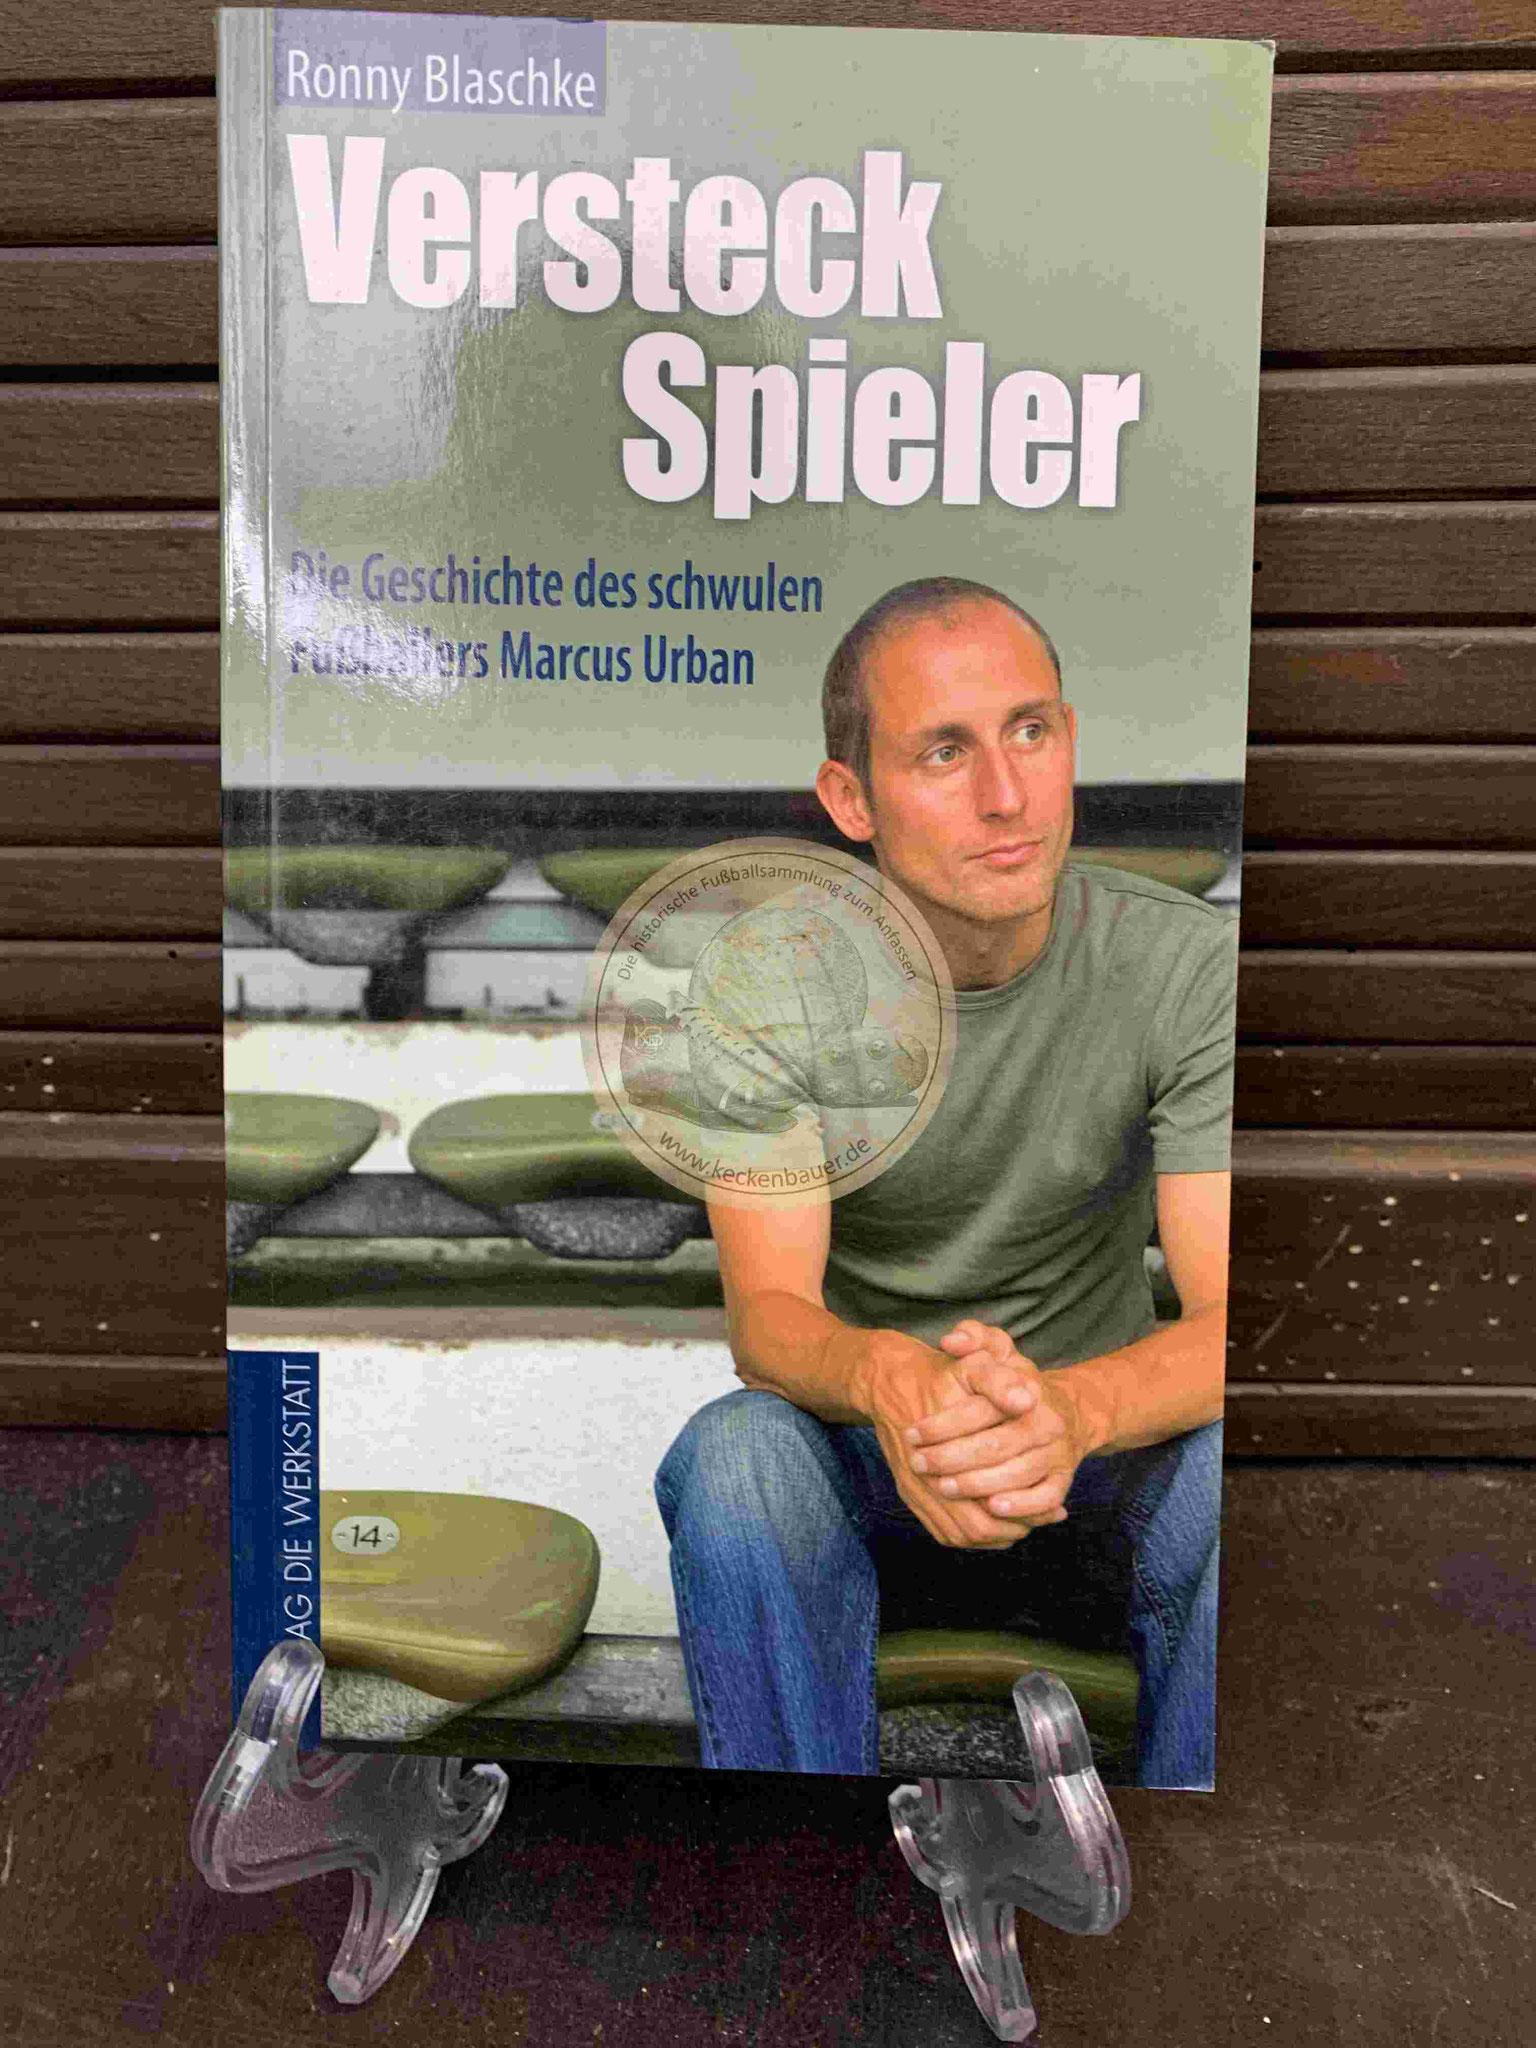 Ronny Blaschke Versteck Spieler signiert aus dem Jahr 2008